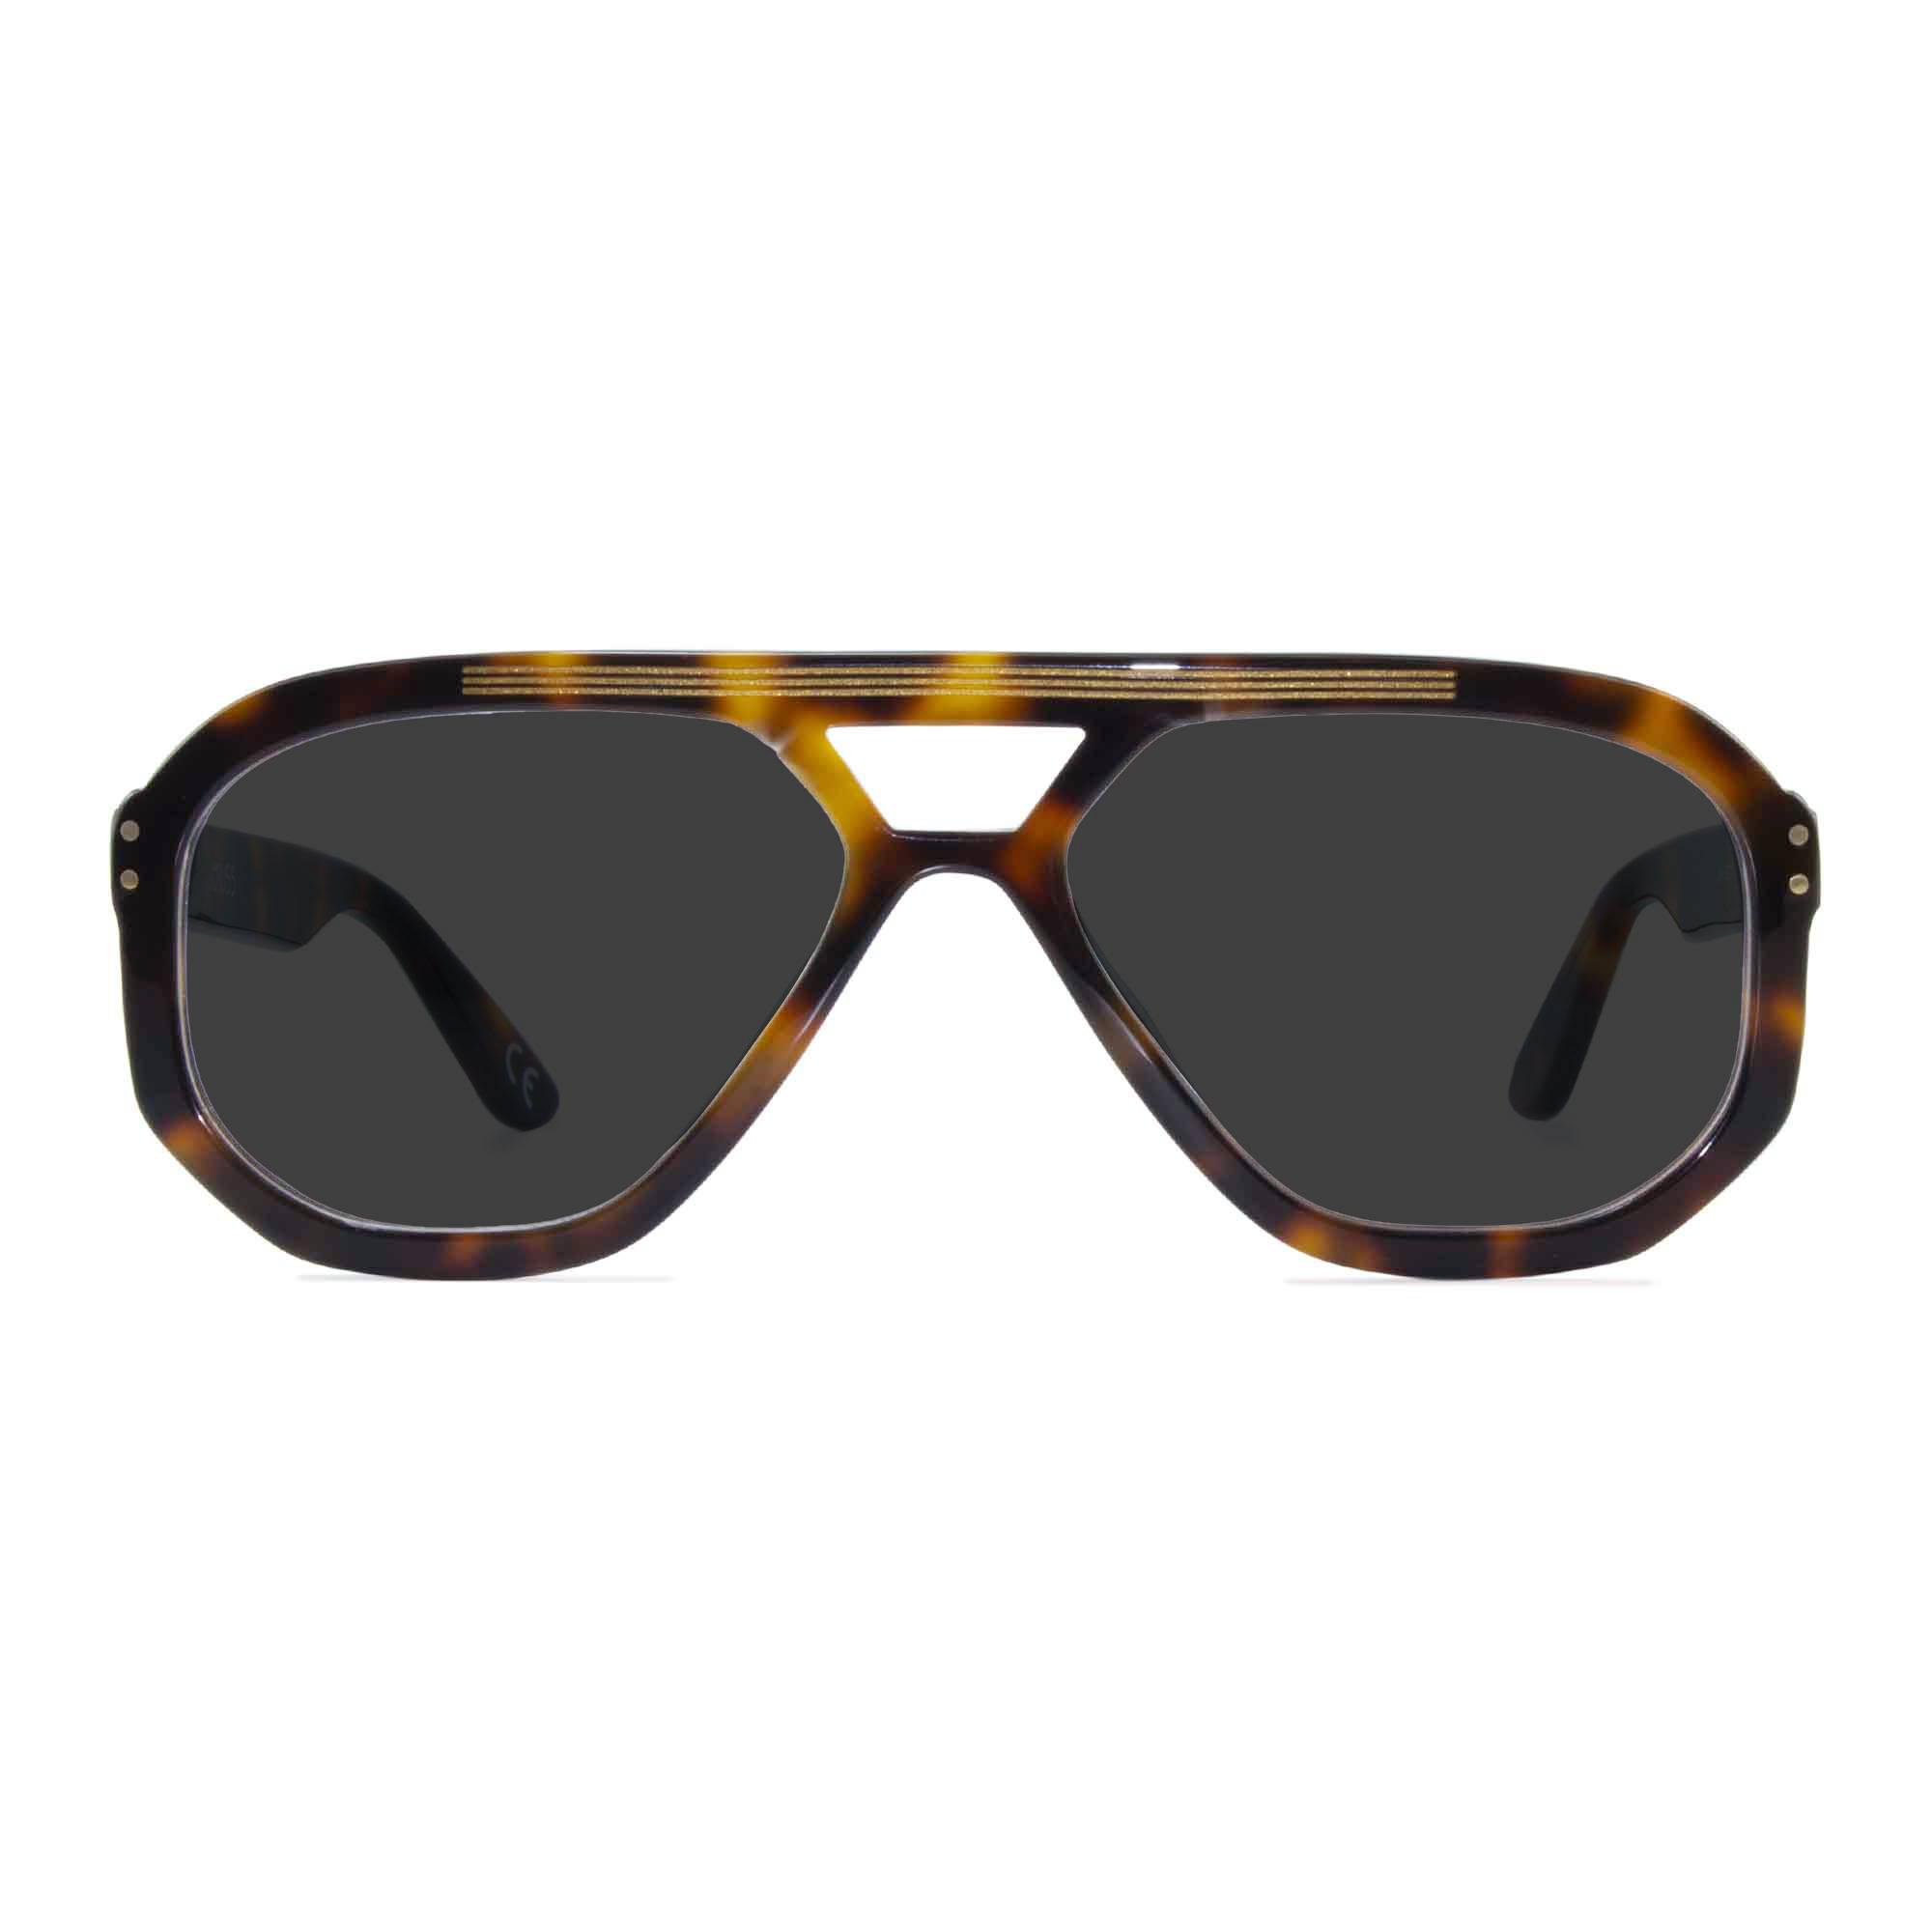 Joiuss jim tortoiseshell navigator sunglasses